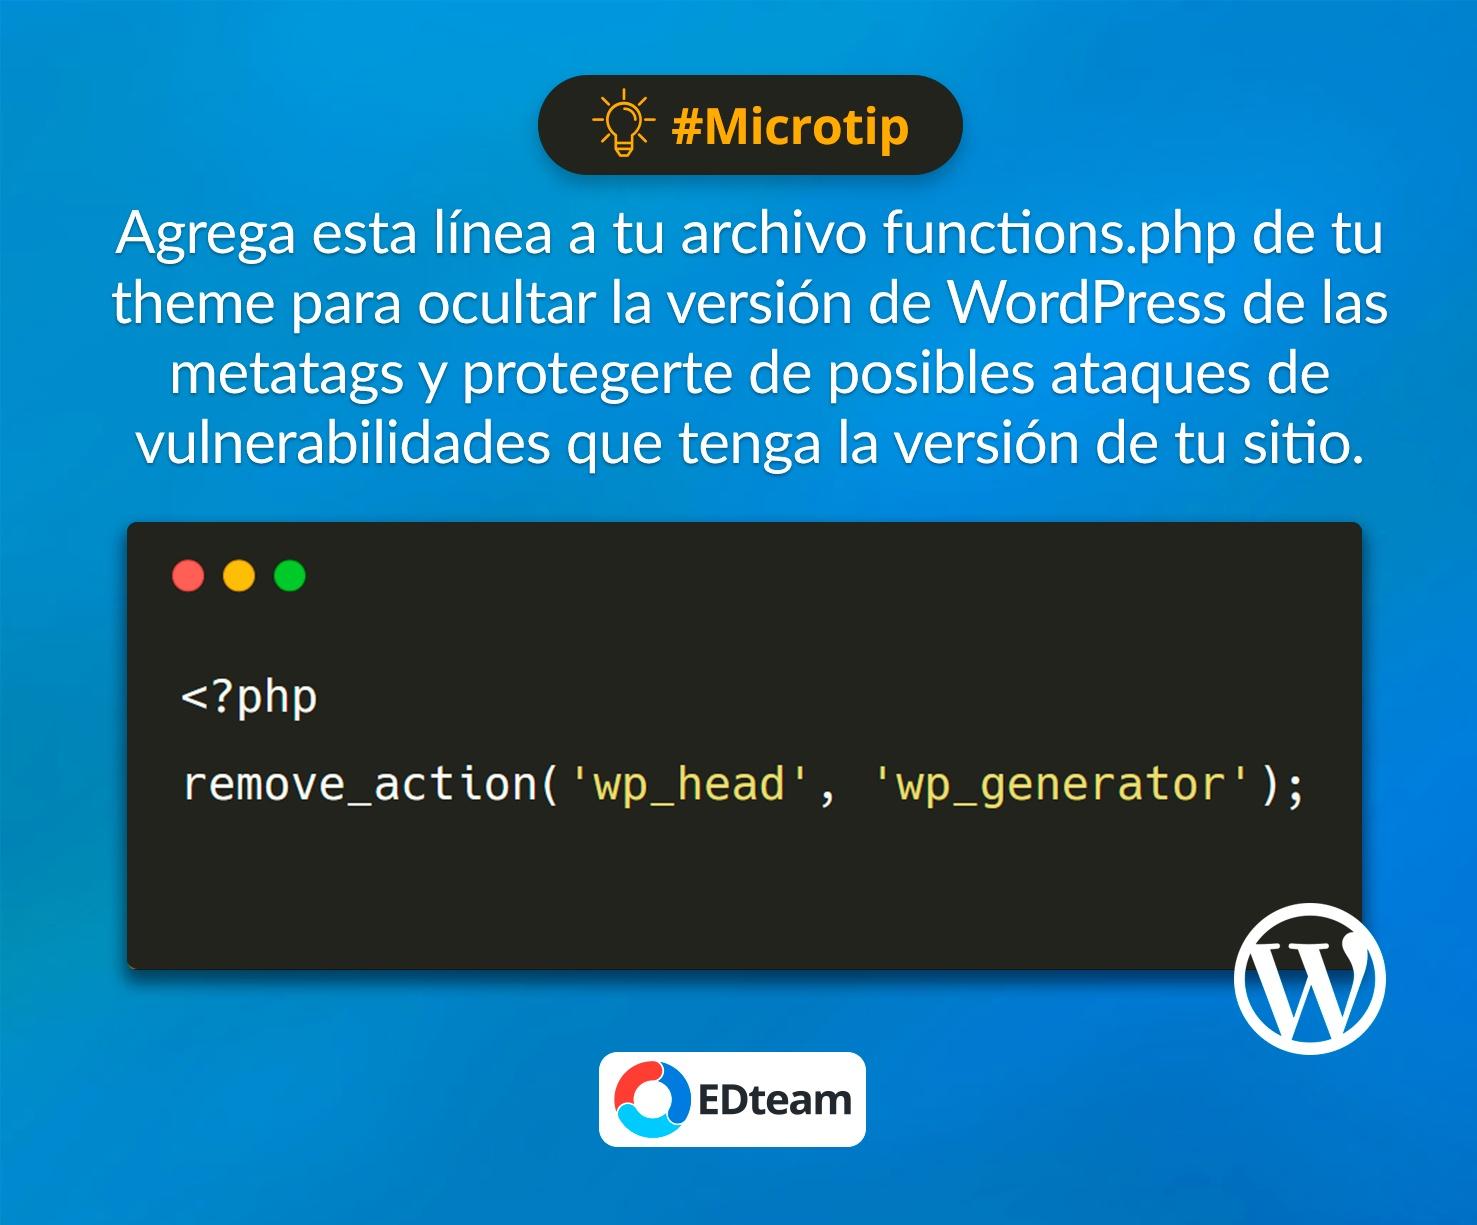 #Microtip: Elimina la versión de WordPress de tu sitio público